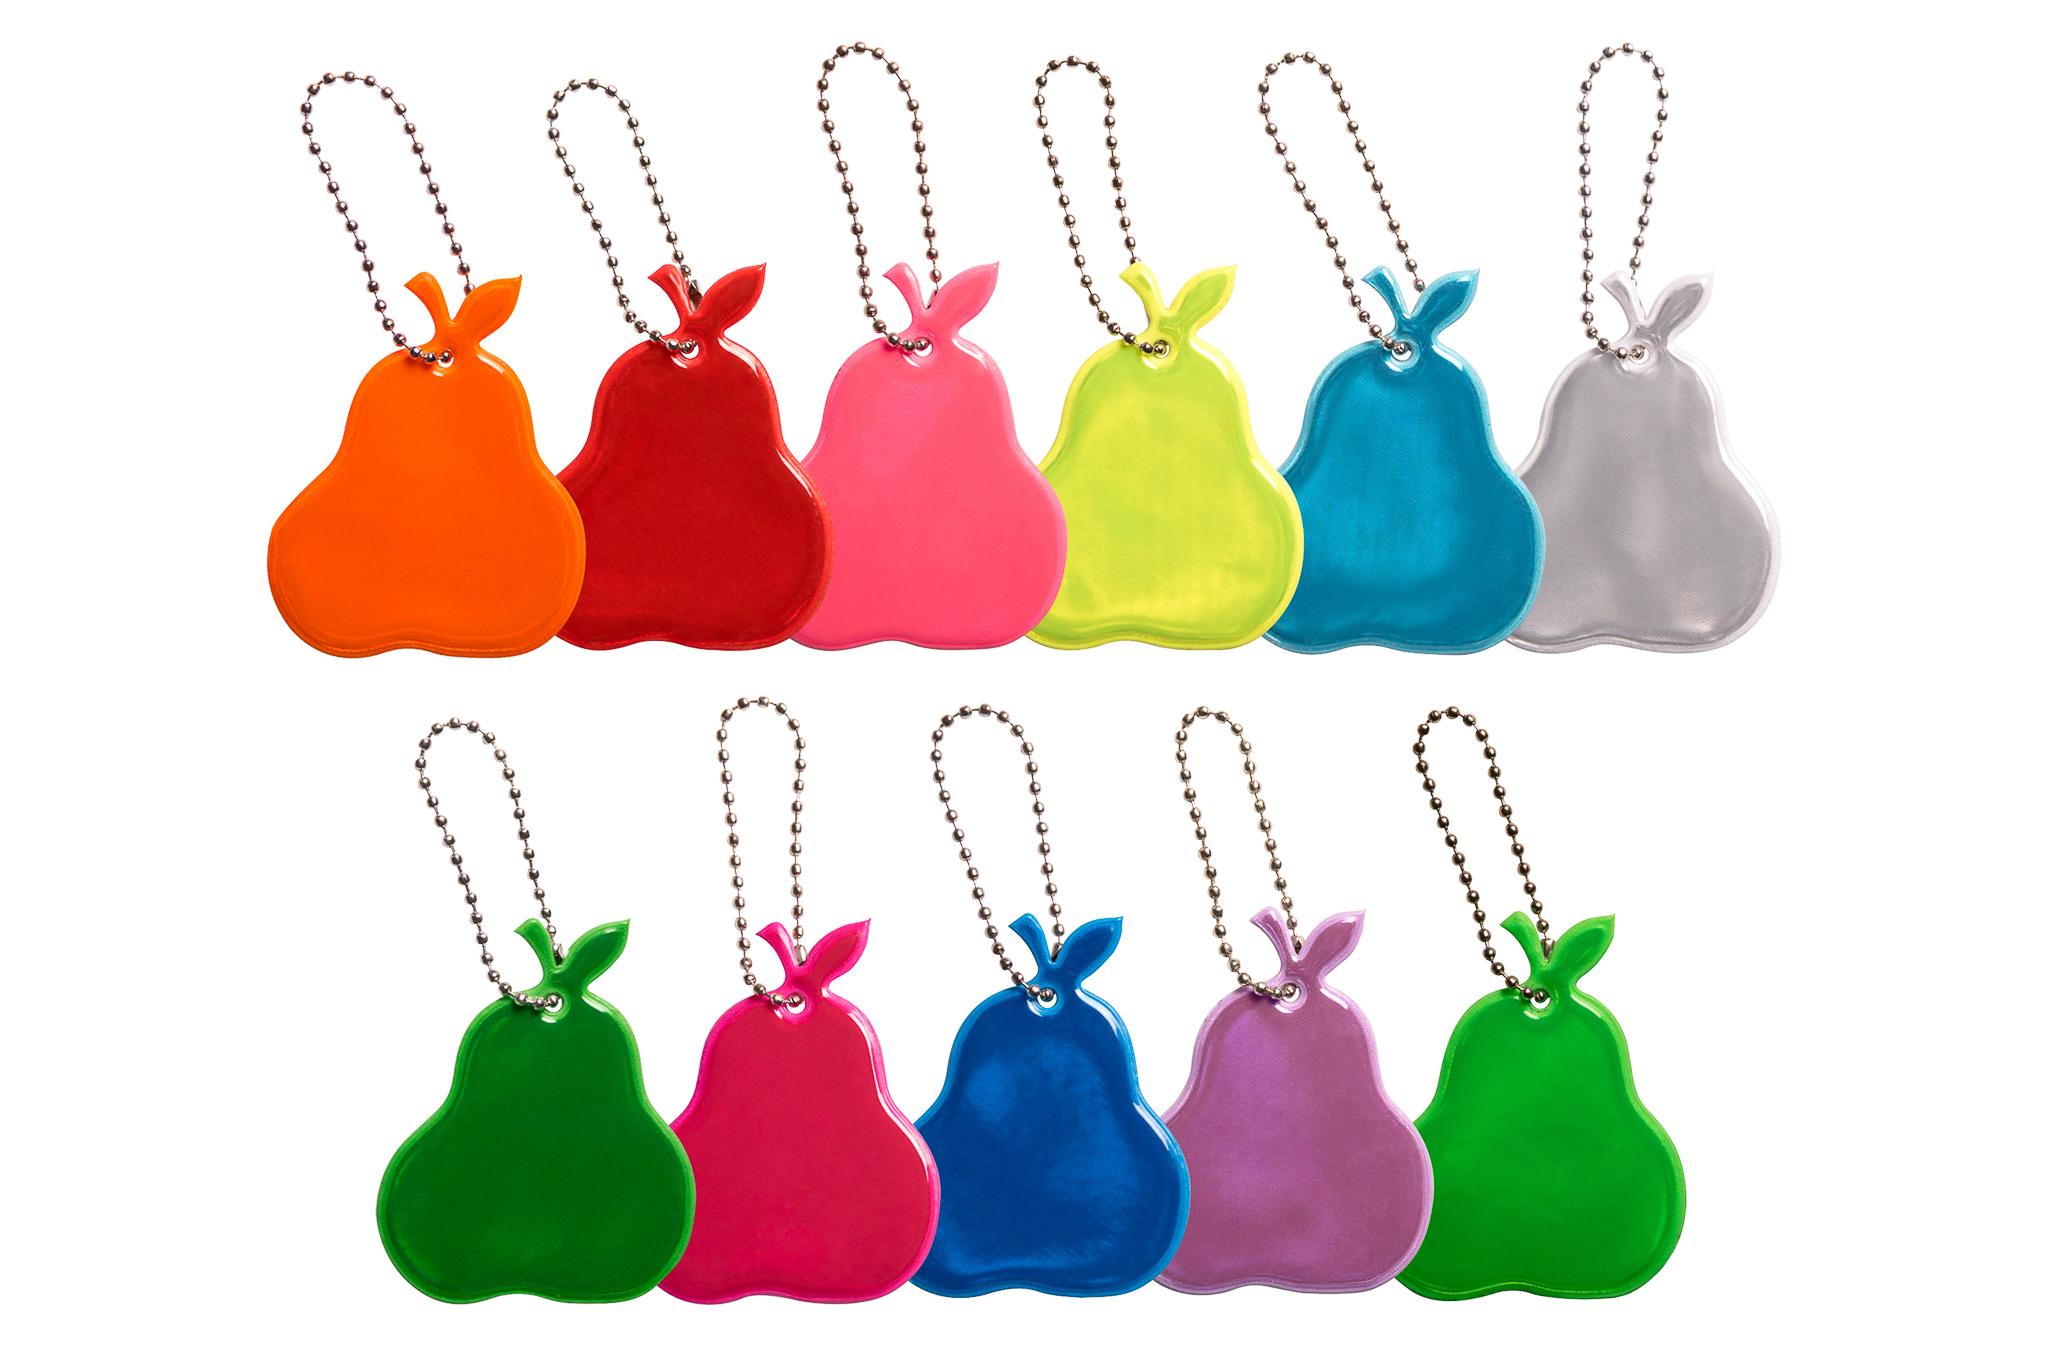 odblaskowe gruszki w różnych kolorach